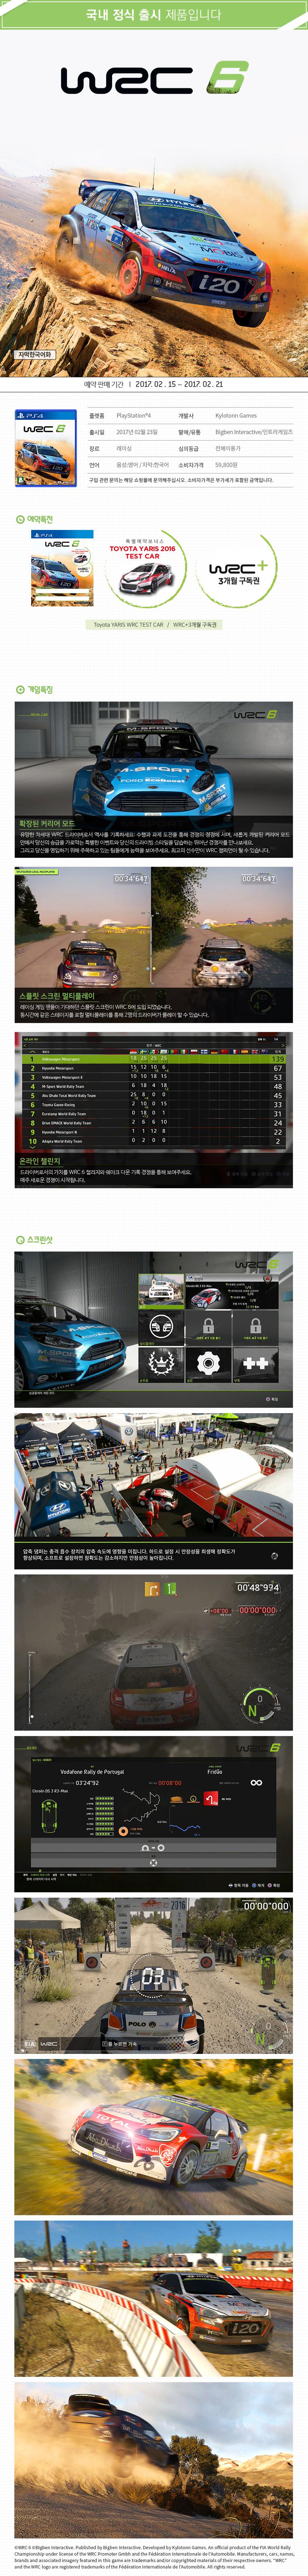 WRC6_PS4.jpg